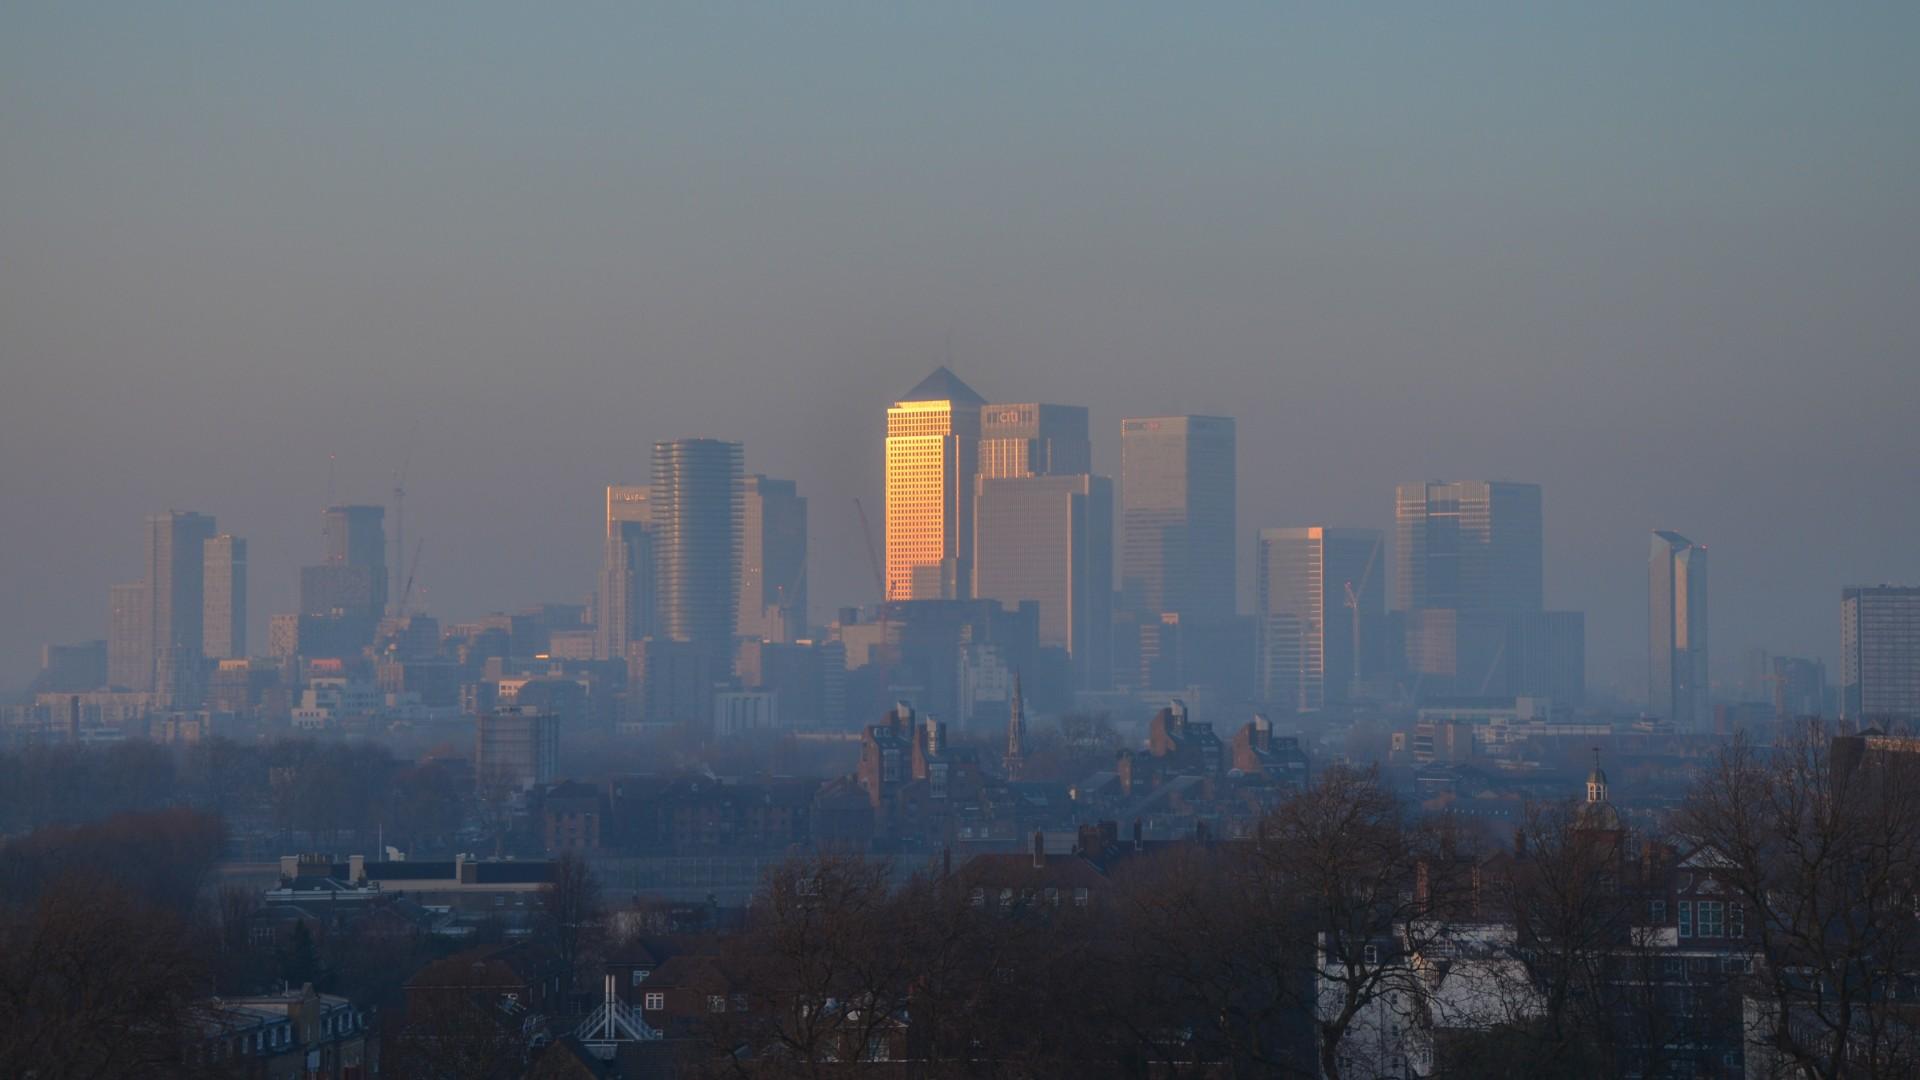 London scrappage scheme not enough